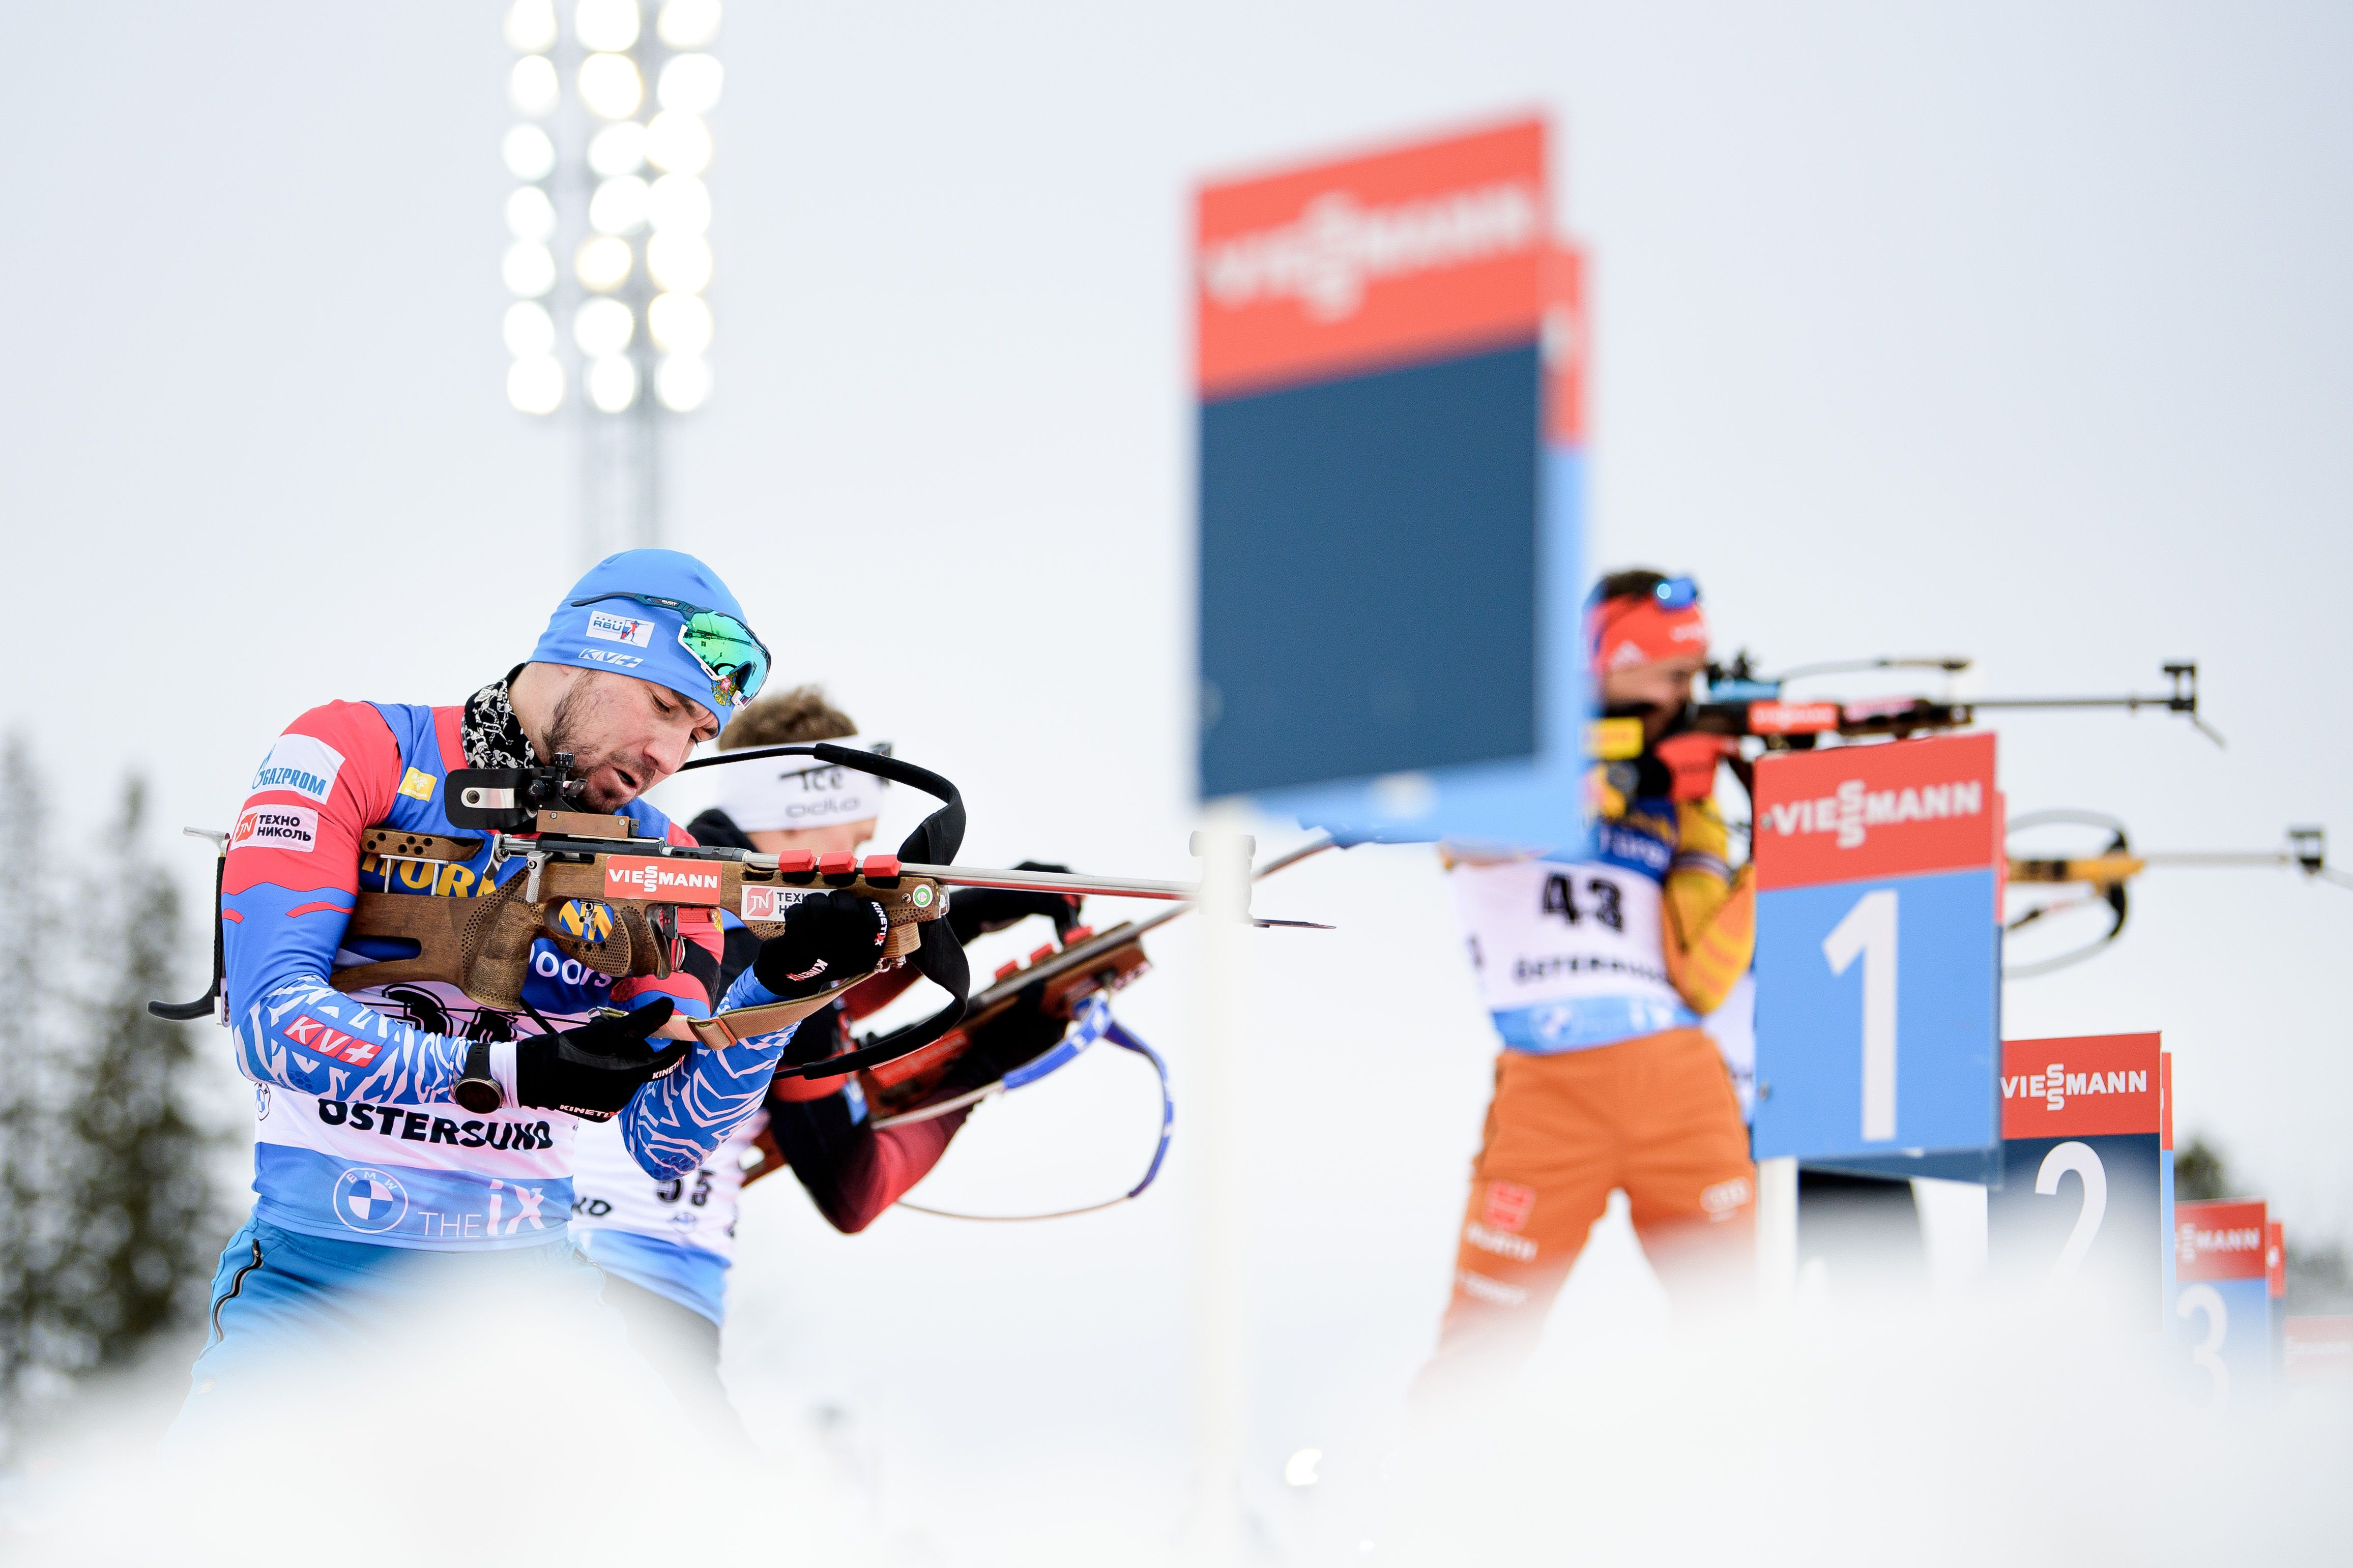 Сборная России по биатлону добилась худшего результата в своей истории на Кубке мира